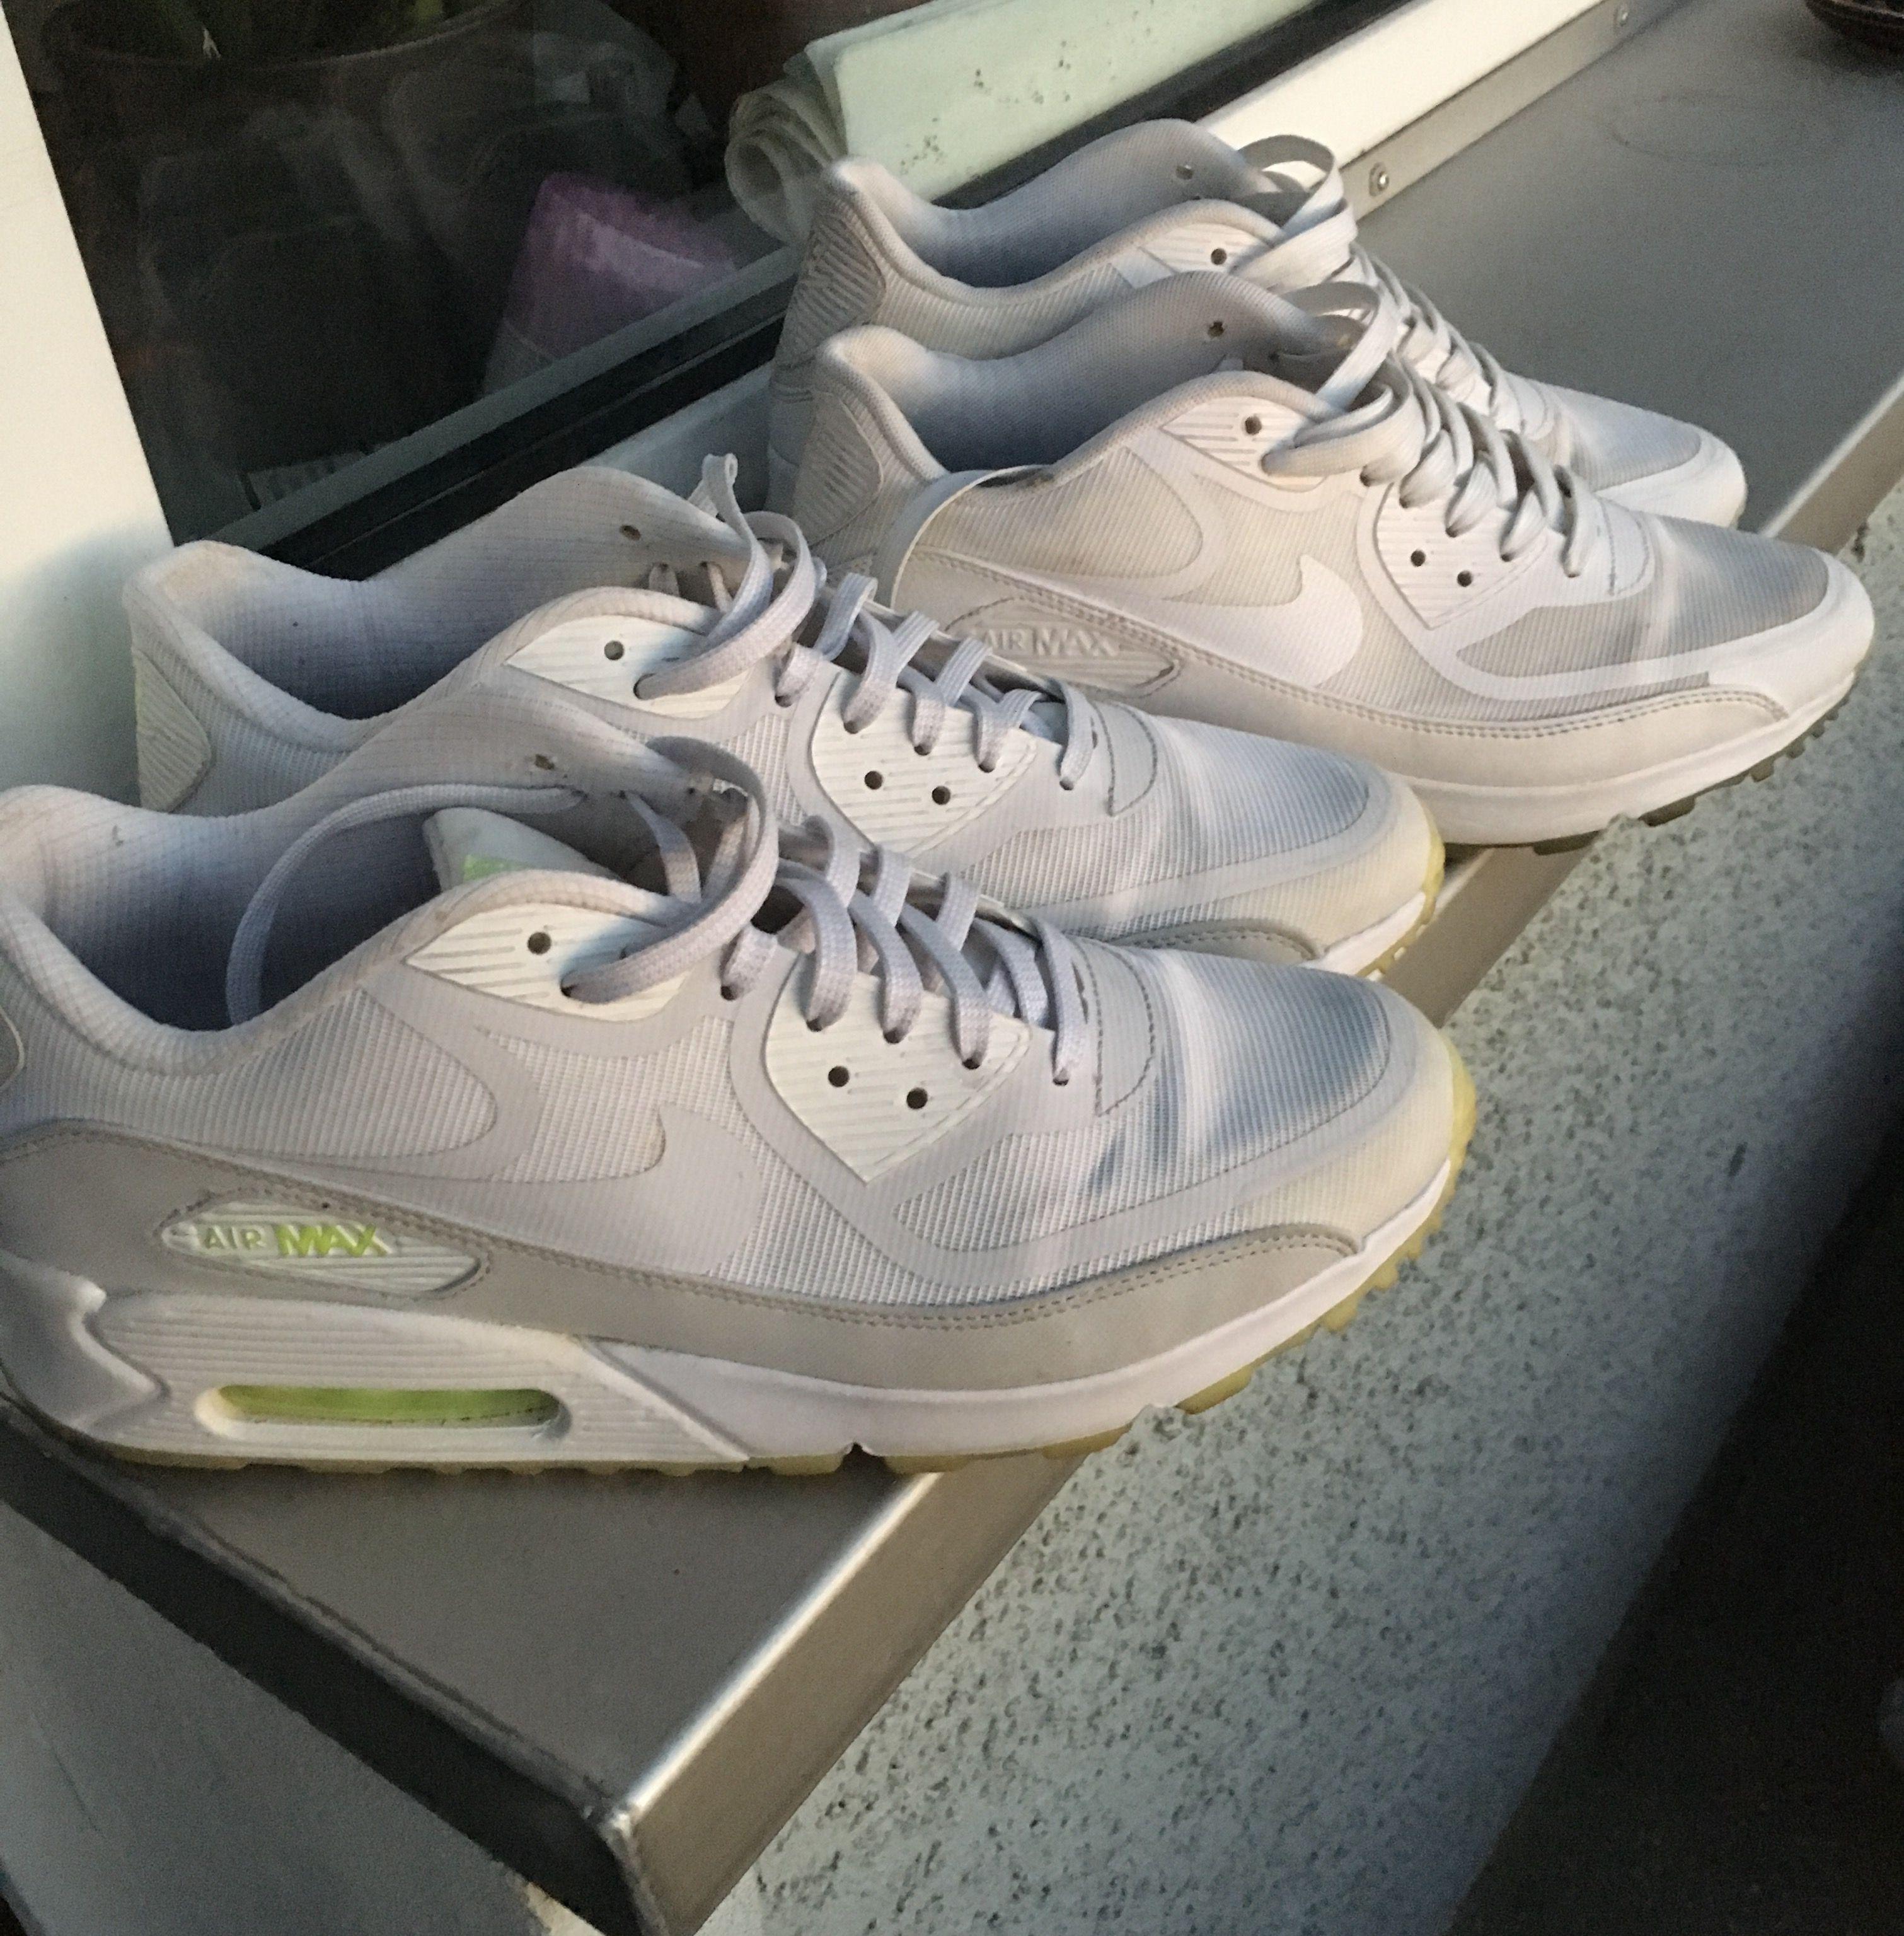 Glow Nike in the 90 Dark Air Schuhe ZebraNike and Leo QEdWxeroCB